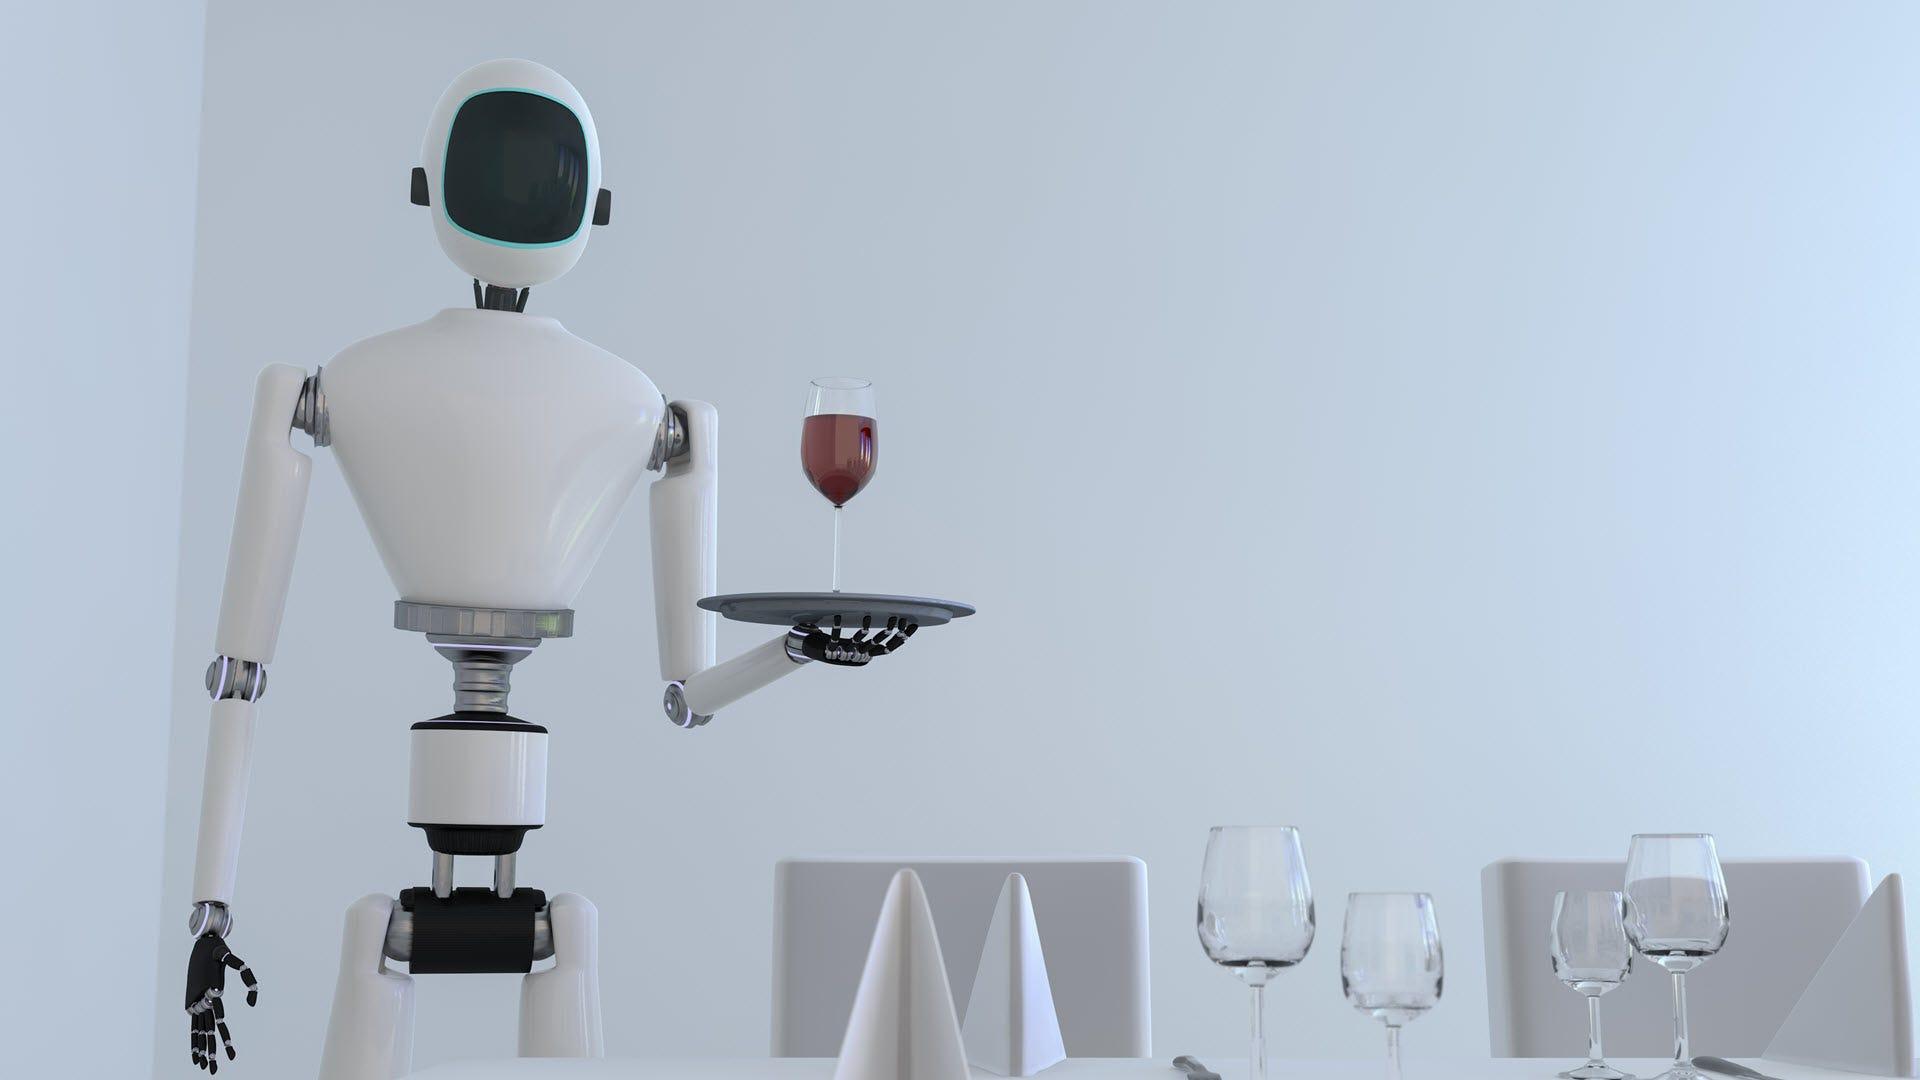 A robot butler serving wine